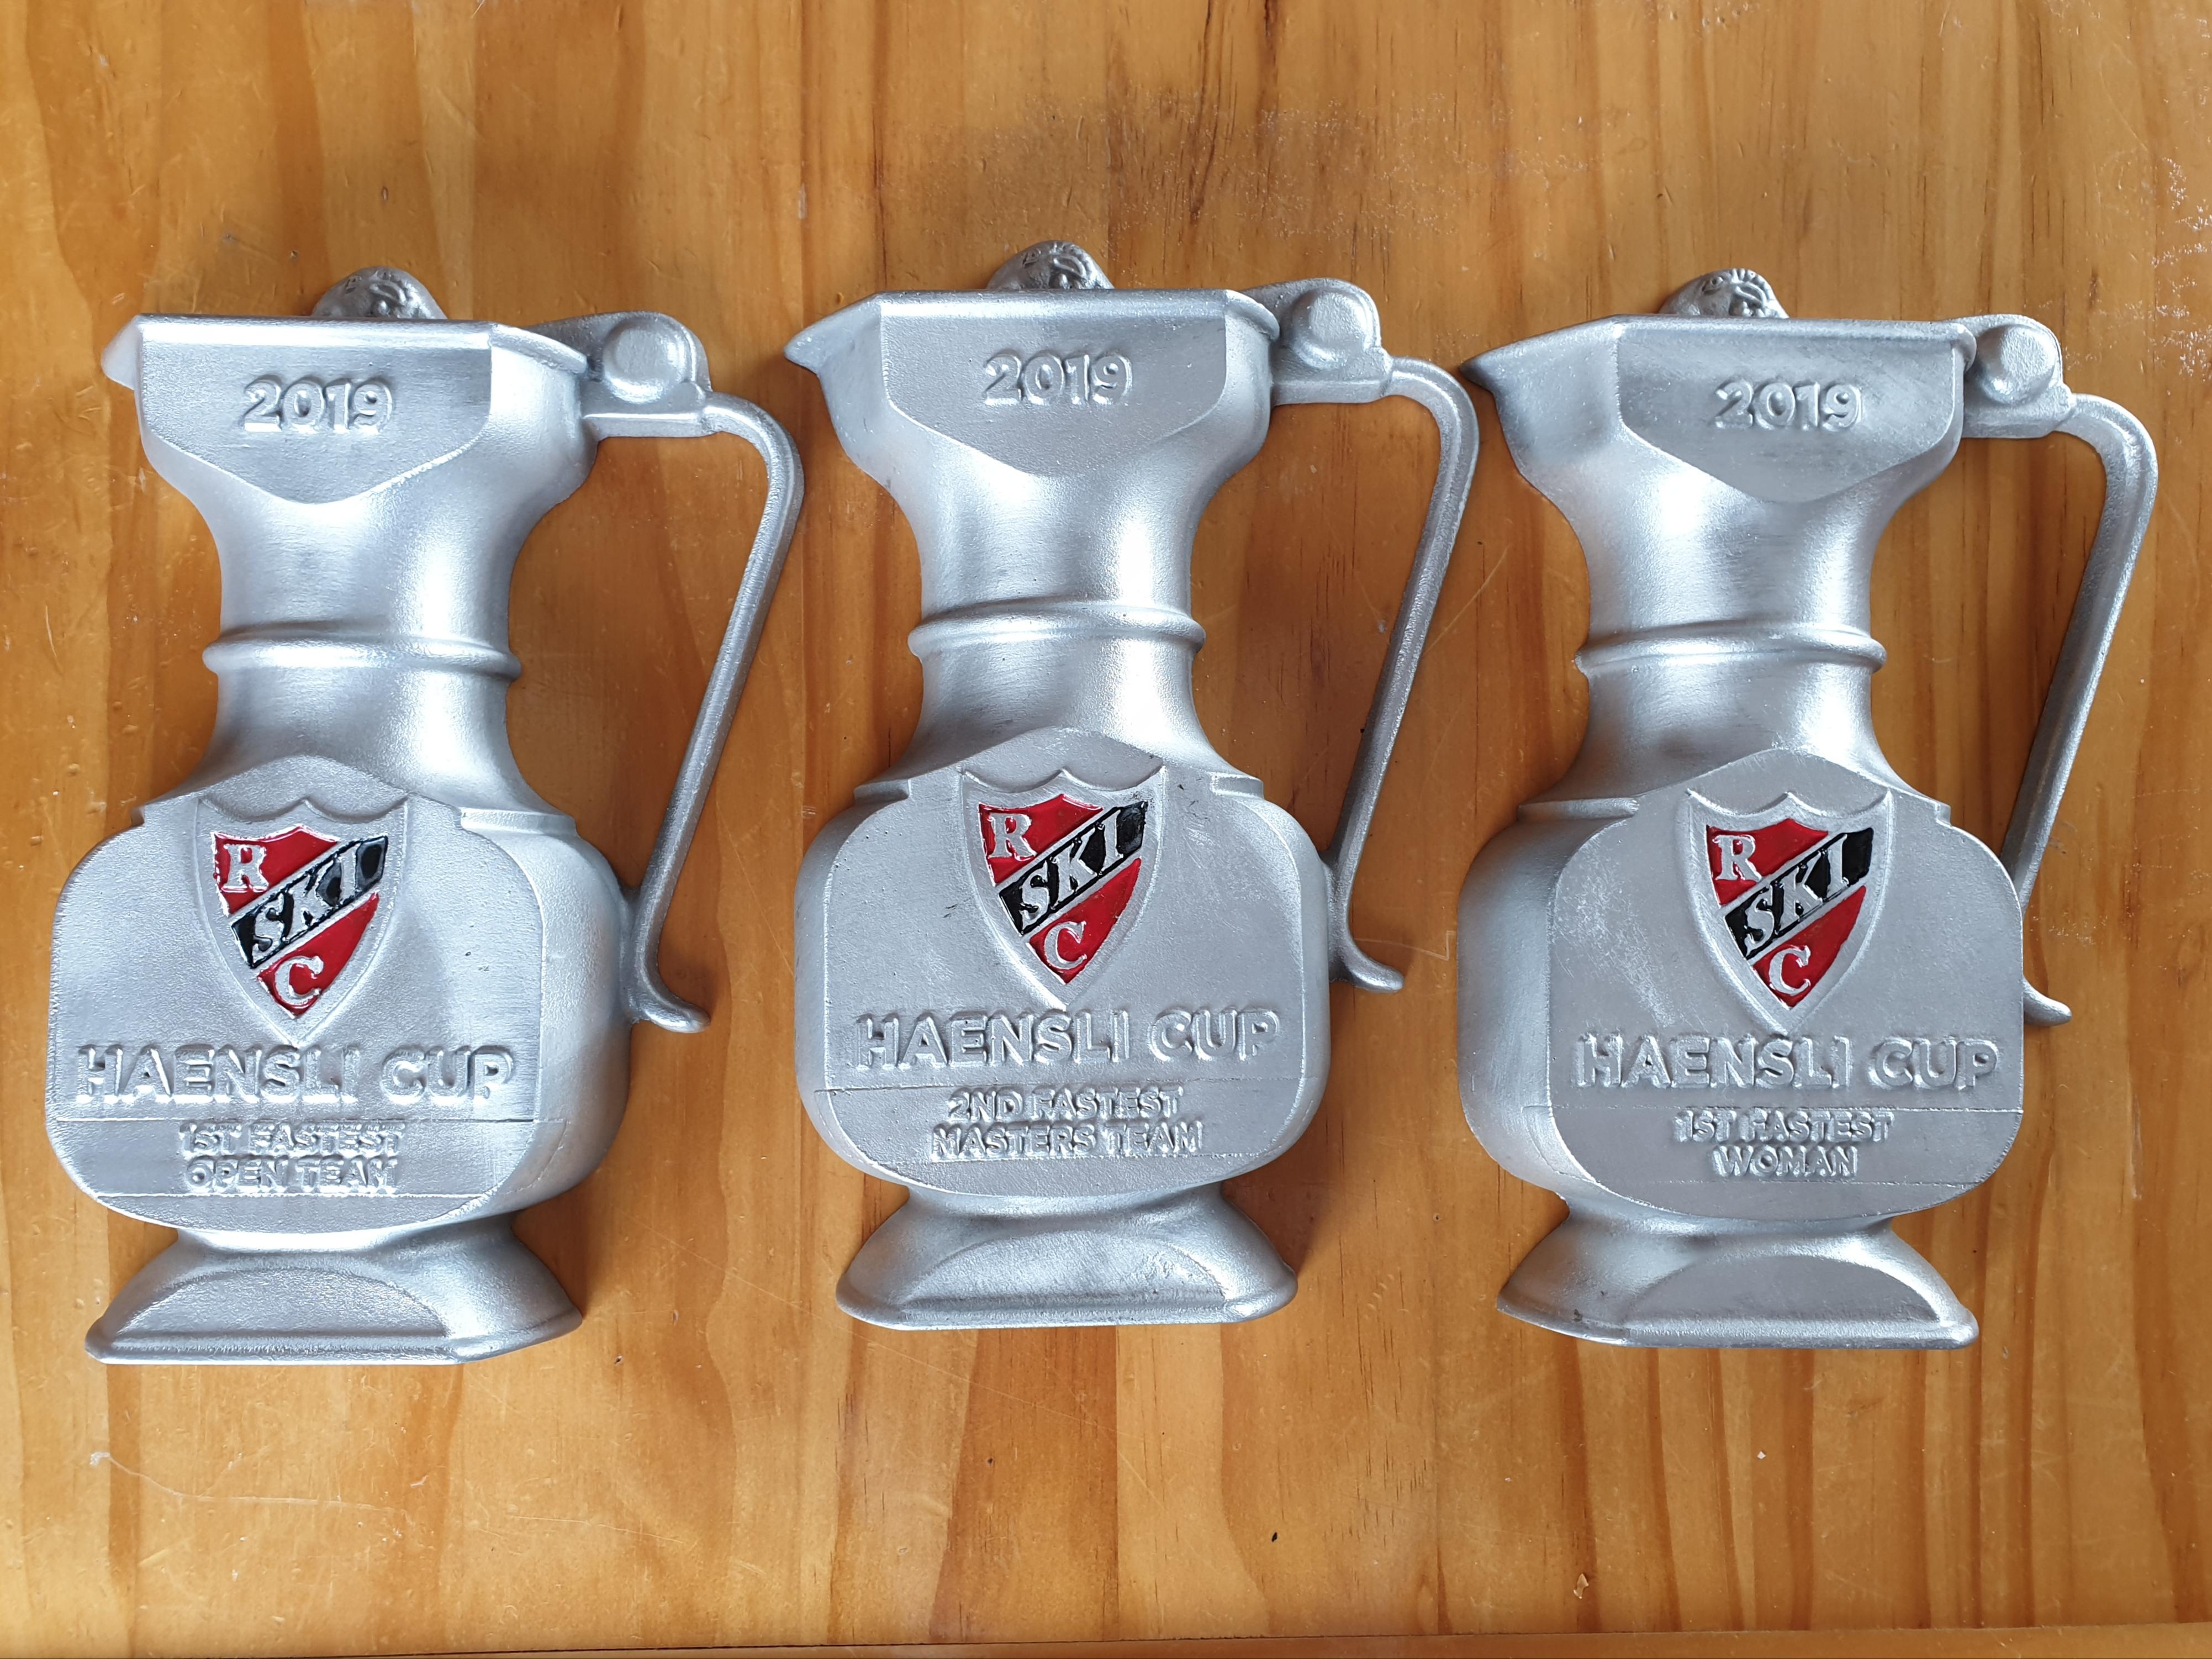 Haensli Cup